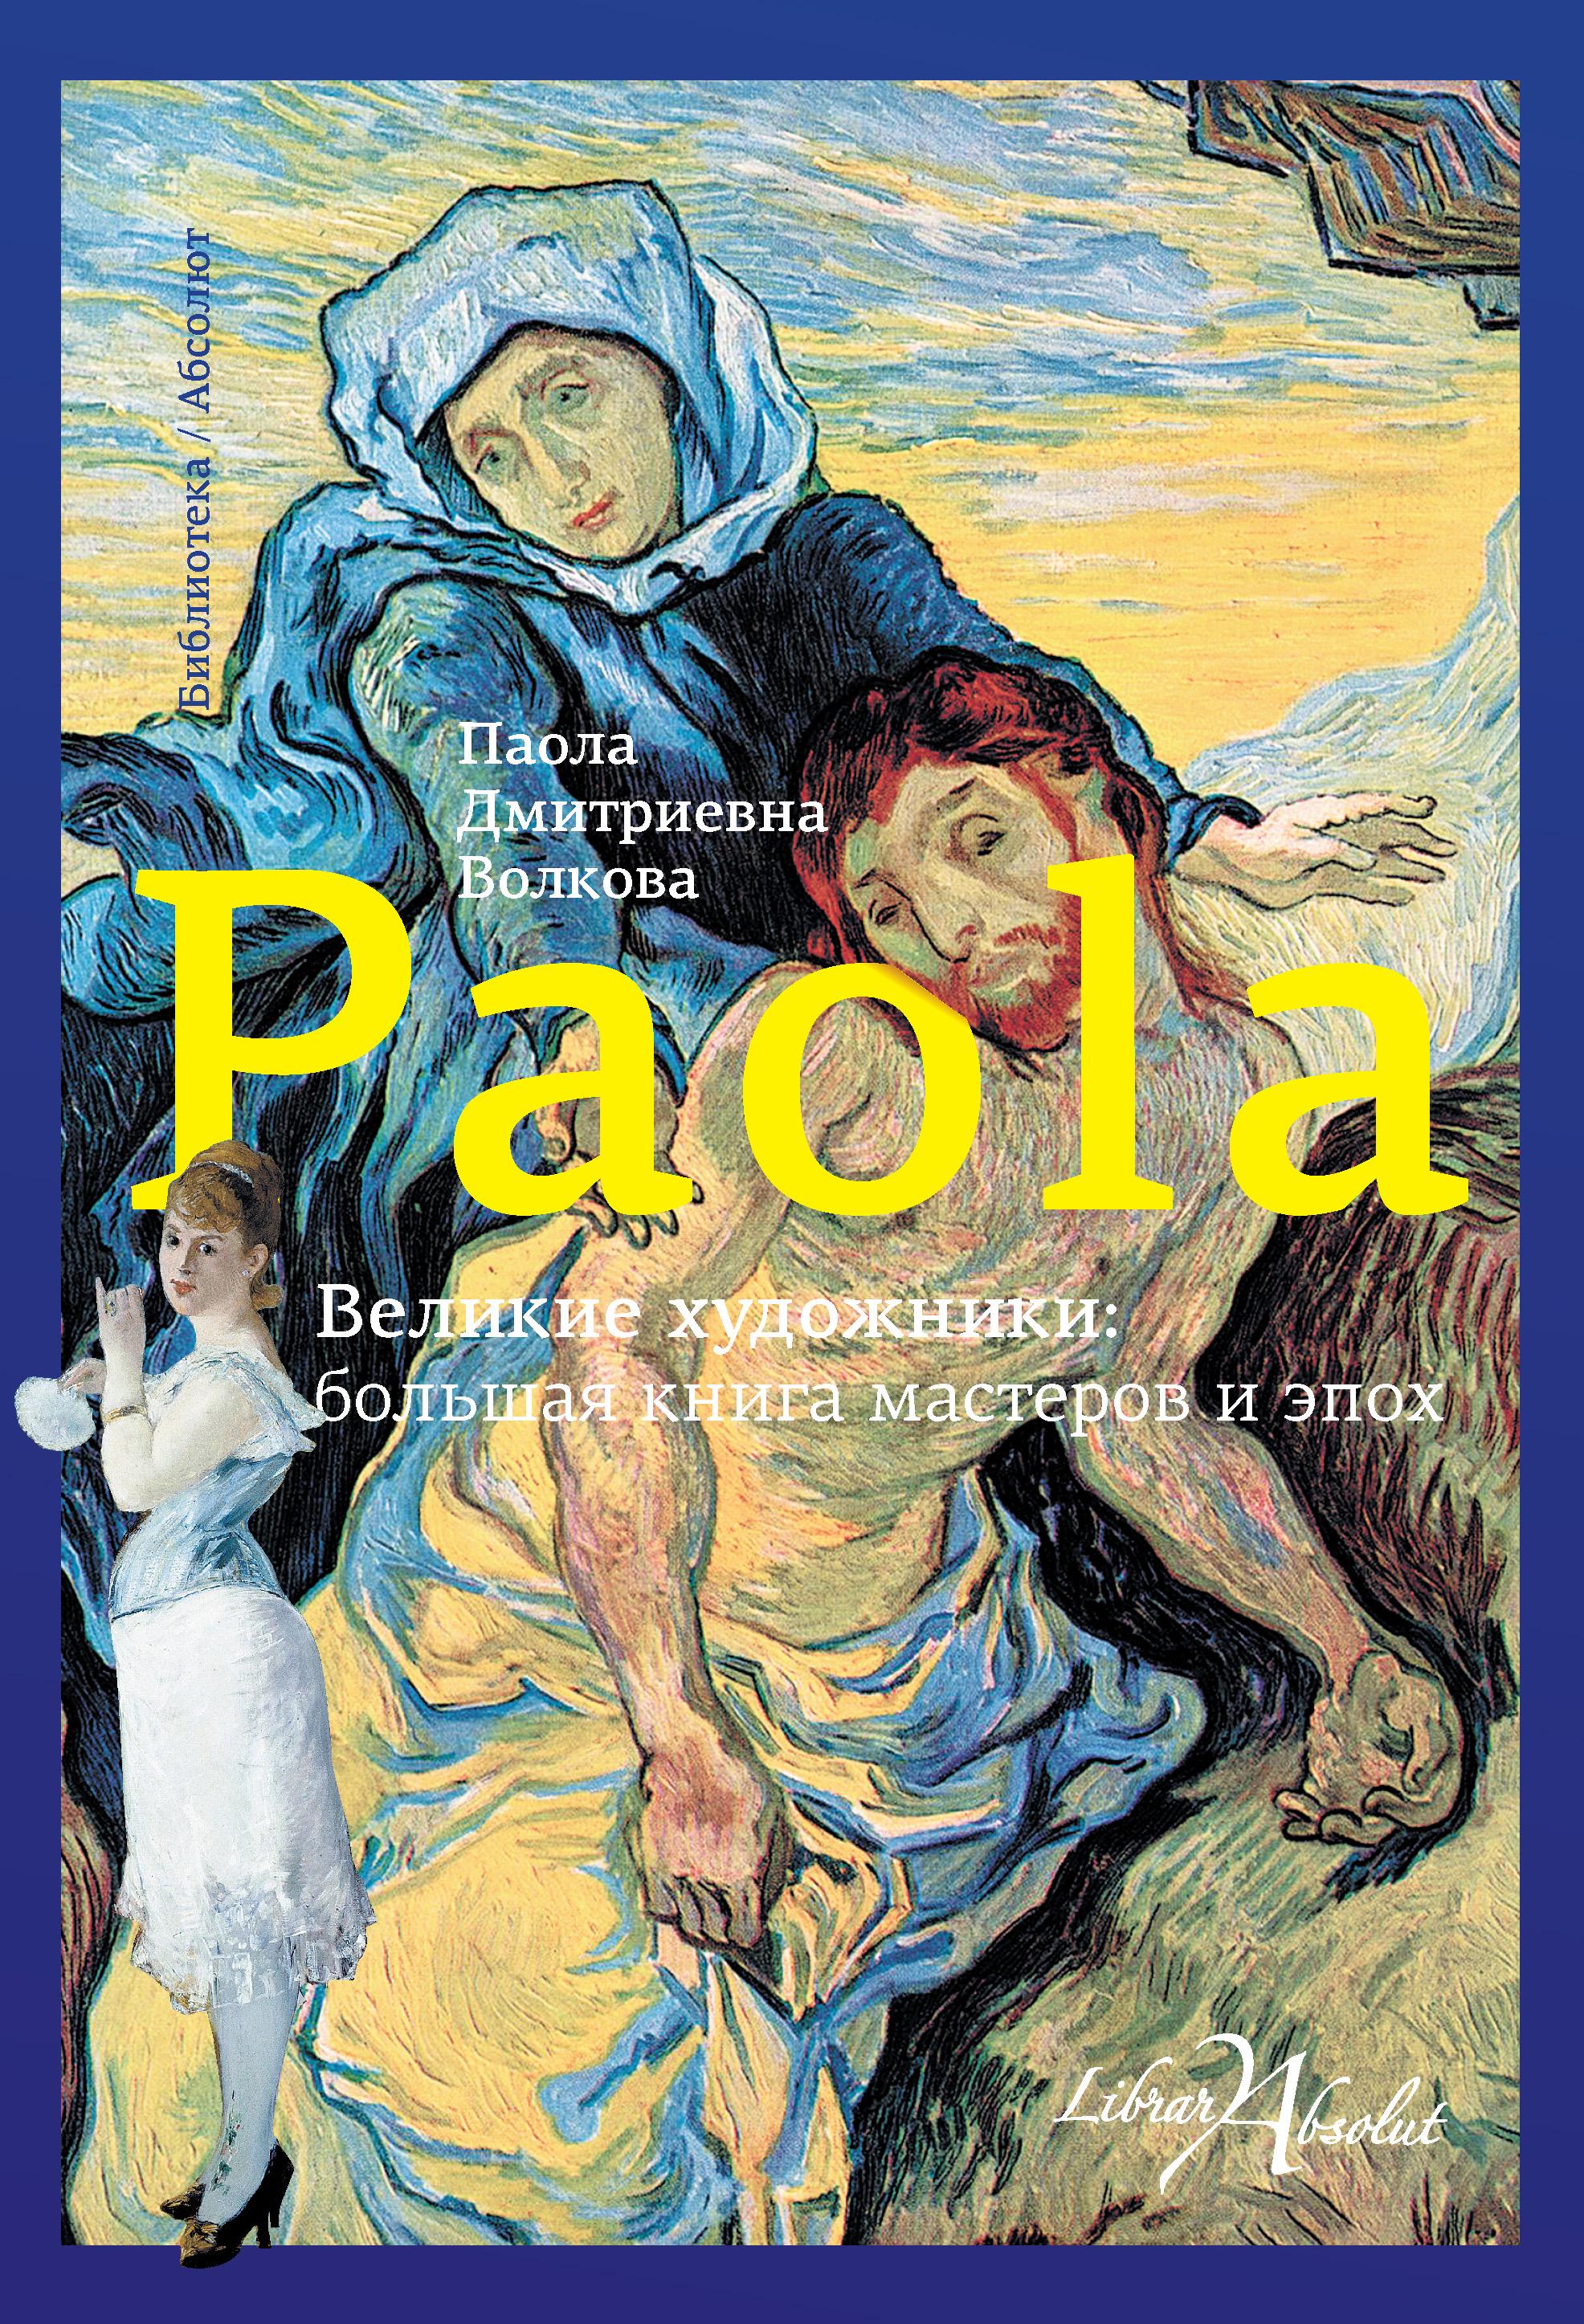 Паола Волкова Великие художники: большая книга мастеров и эпох